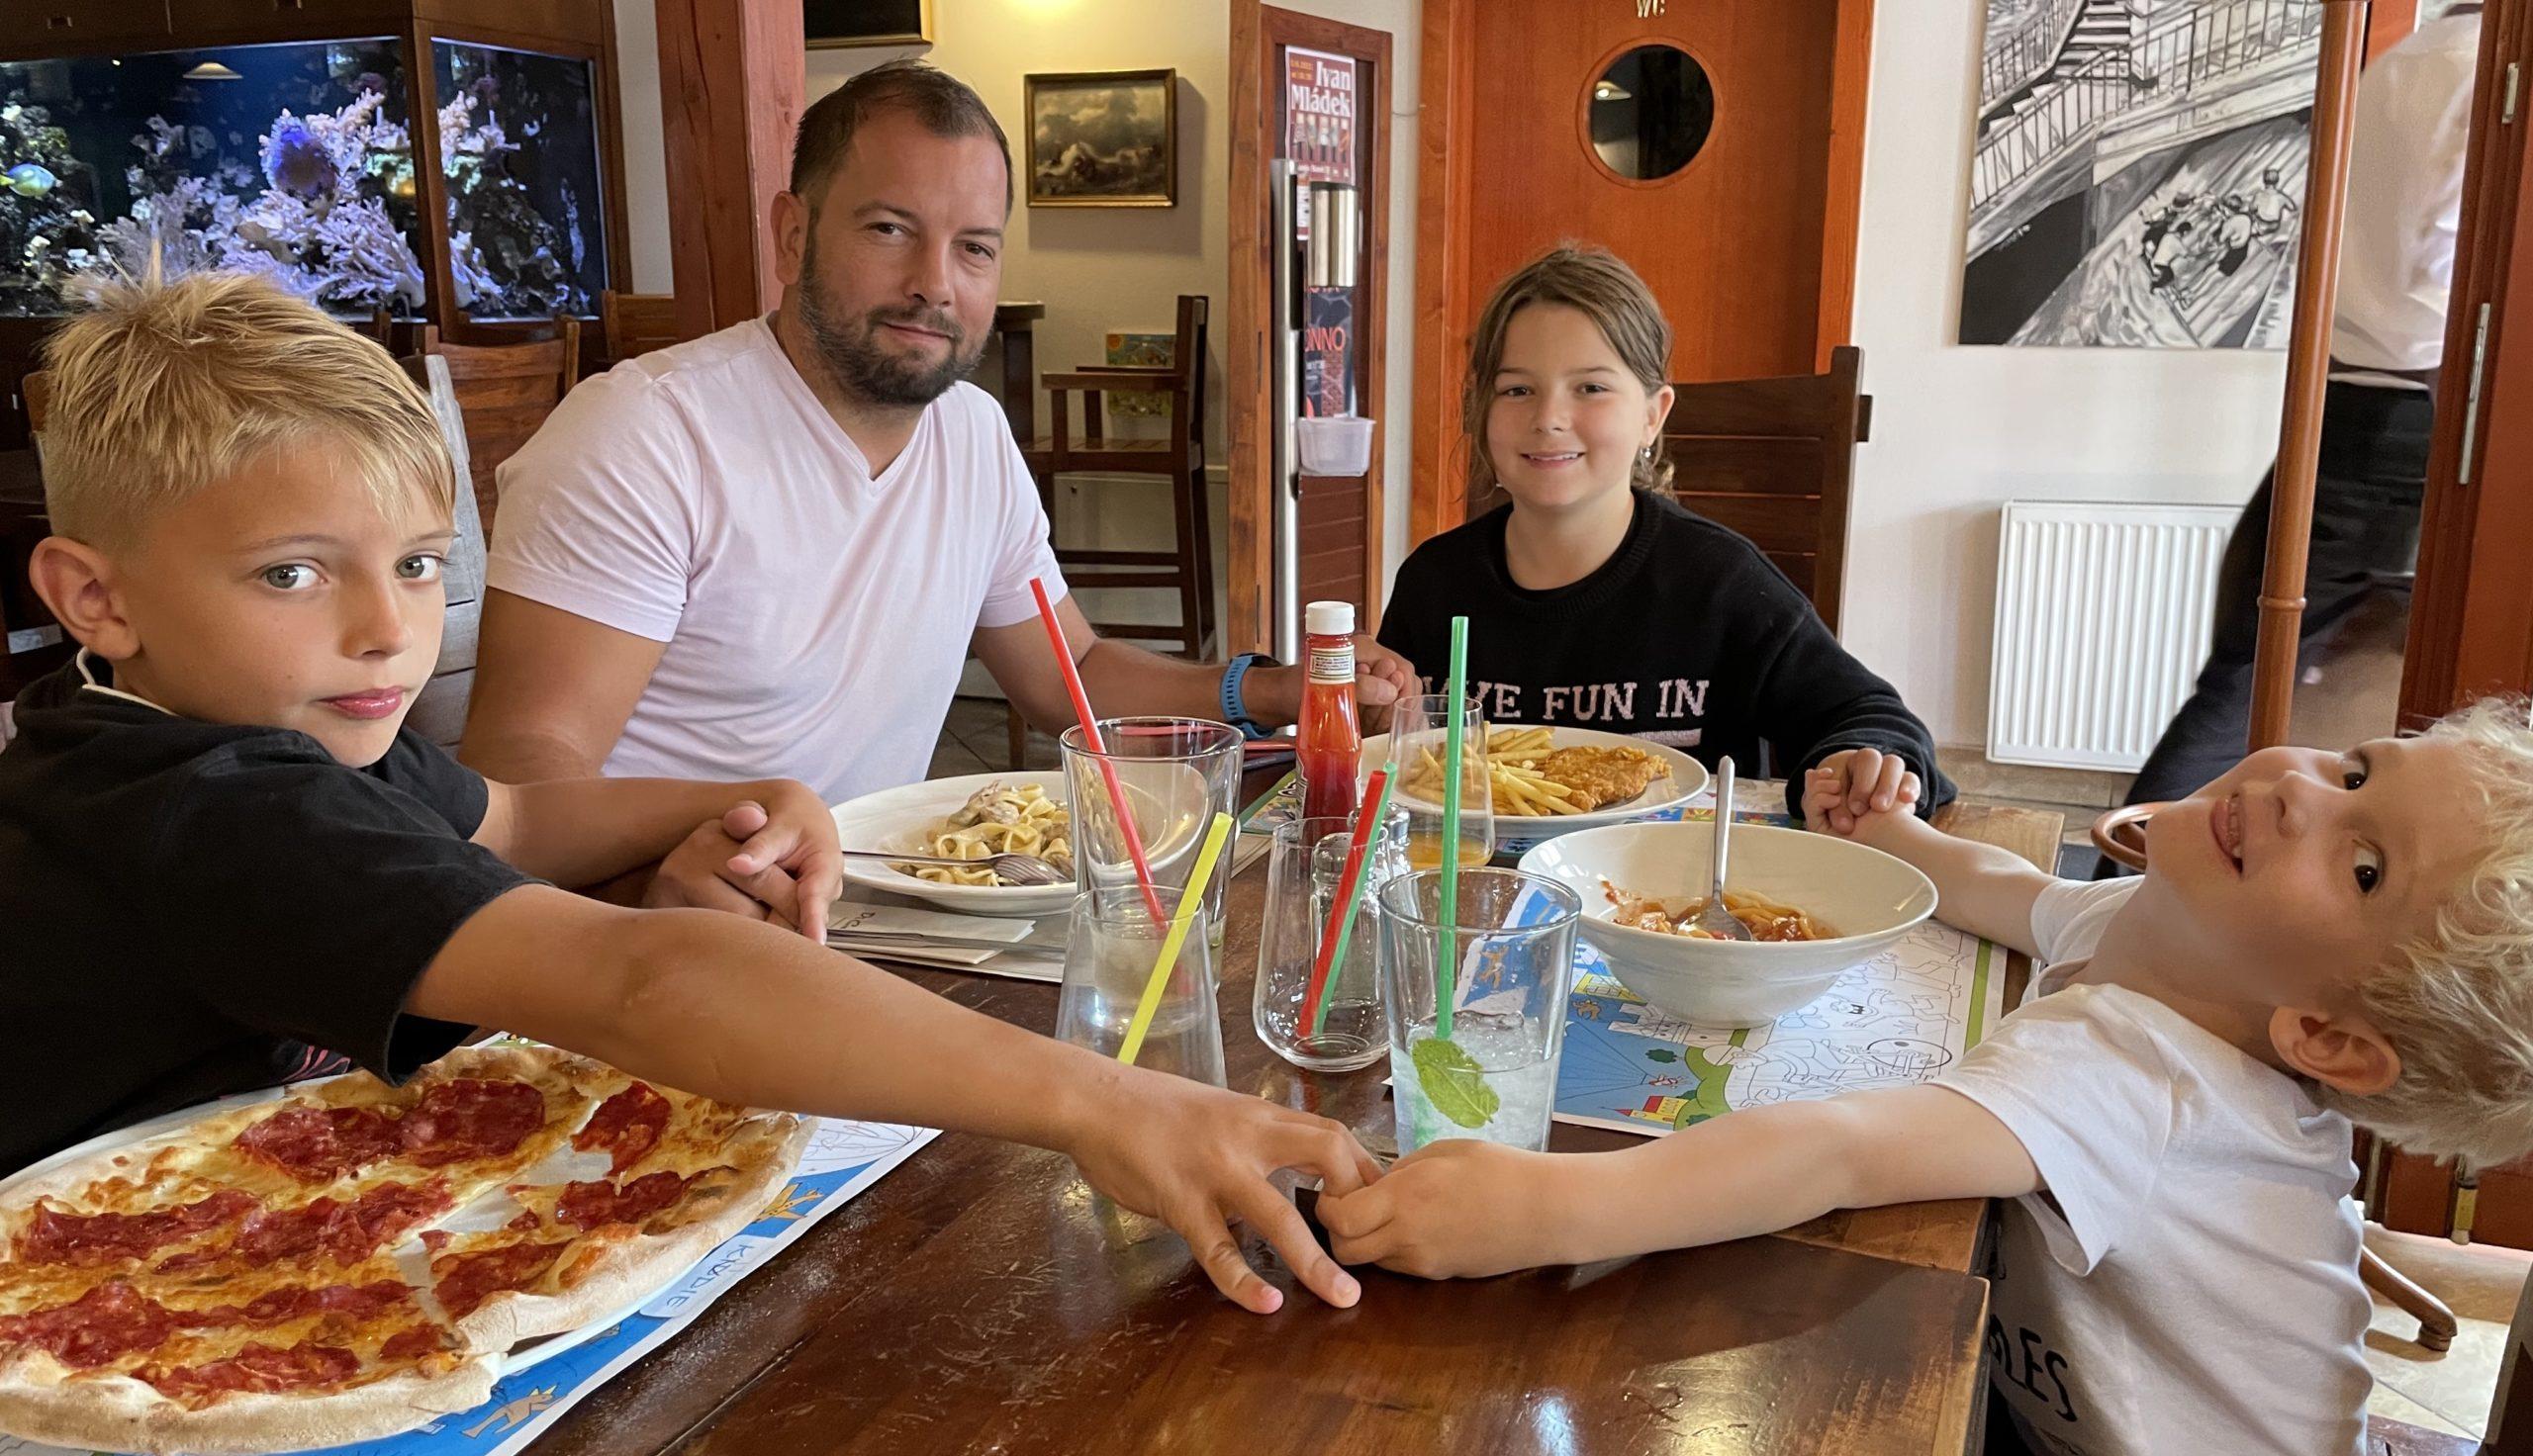 Michal Vydržel se Liamem, Miou a Oliverem. Dvě starší děti má už od rozvodu ve střídavé péči, Olivera si bere na víkendy, na prázdniny, co nejčastěji to jen jde.